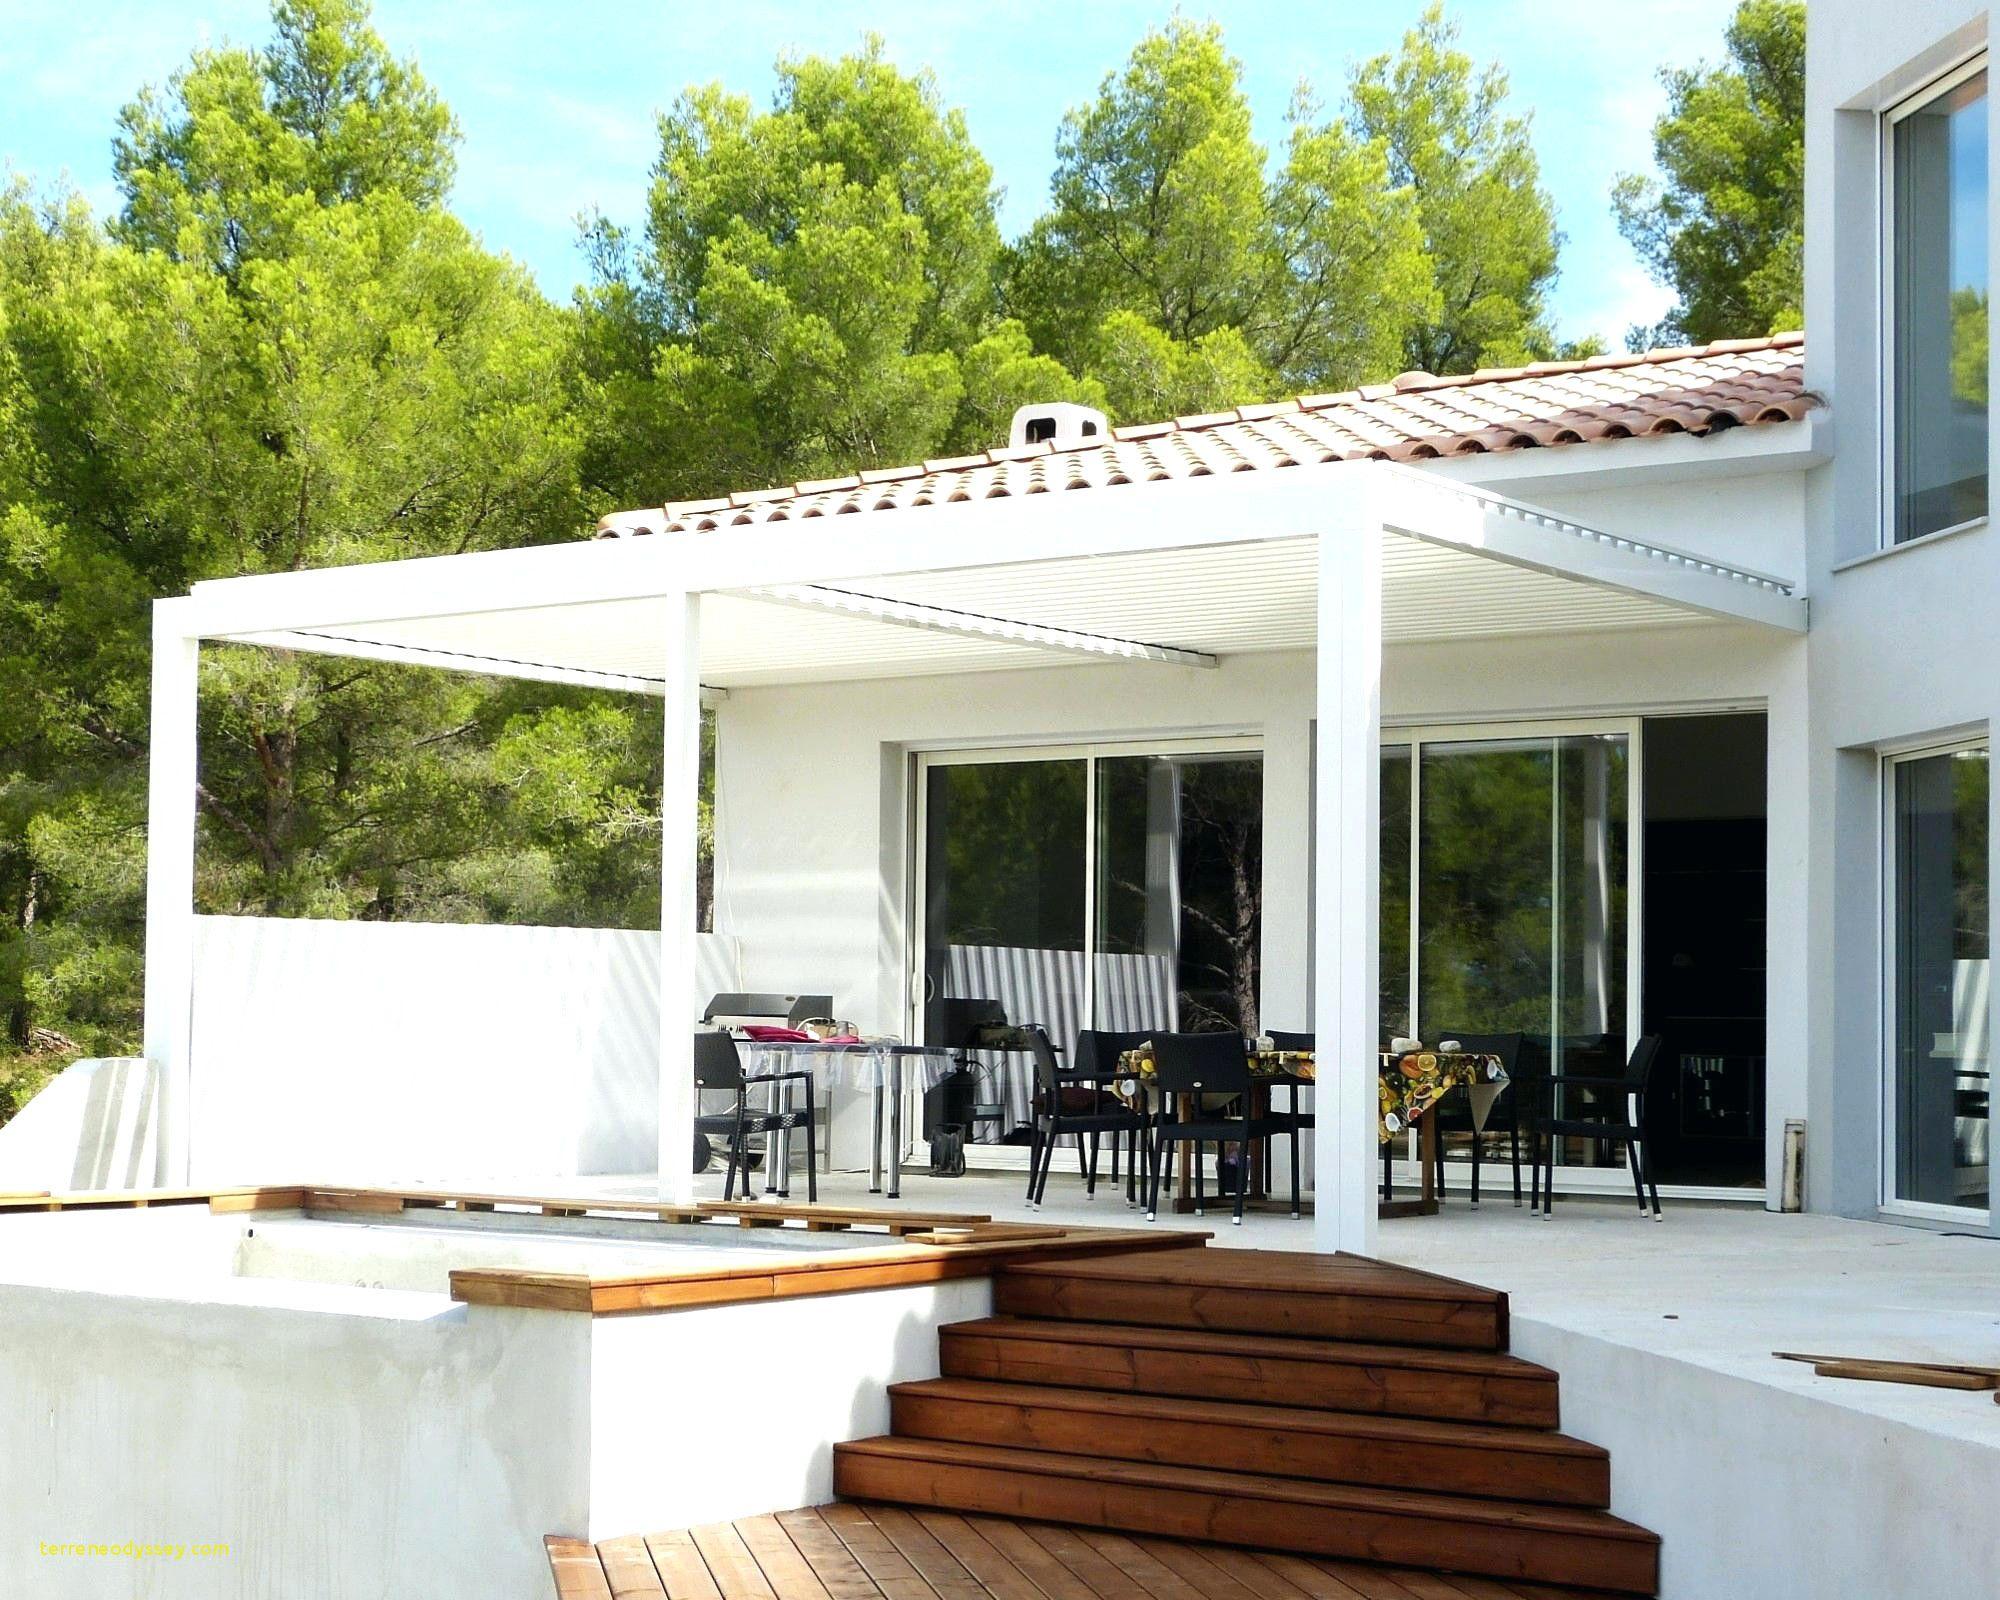 Luxury Pergola Adossee Castorama Avec Images Pergola Bioclimatique Pergola Pergola Moderne